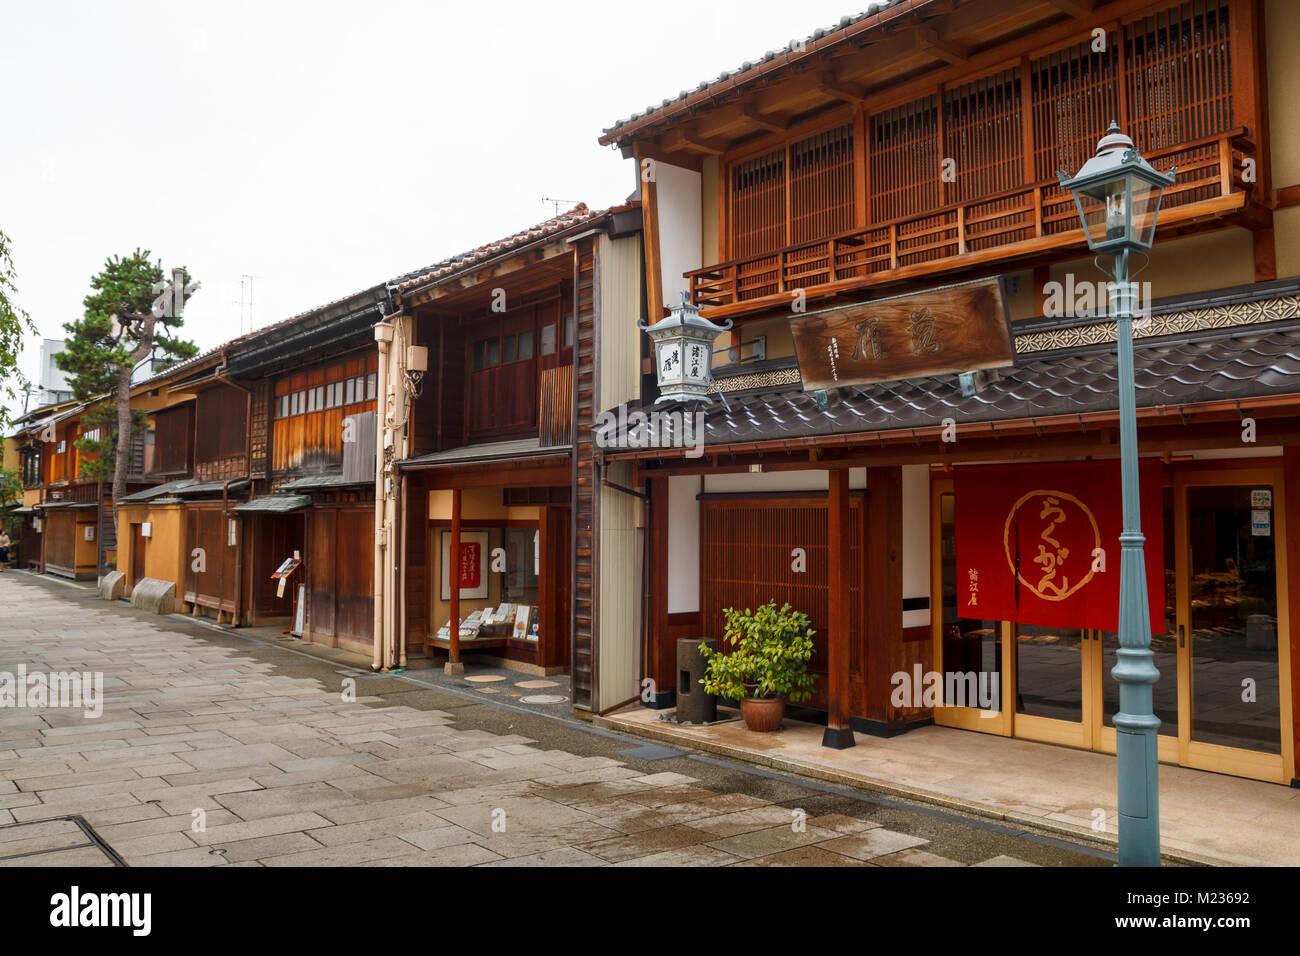 Nishi Chaya rues du district, un district de style traditionnel japonais avec des maisons en bois dans la région de Kanazawa, Japon Banque D'Images